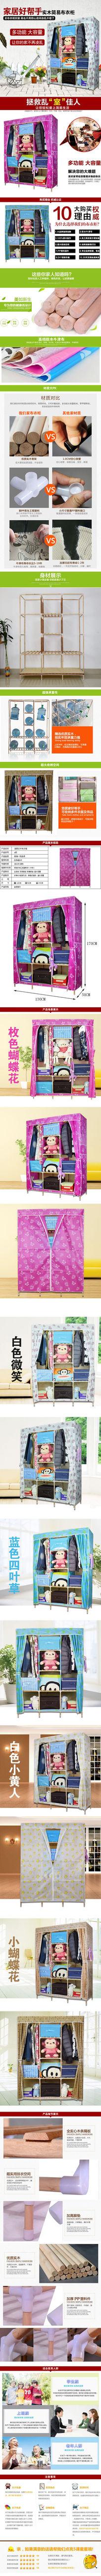 淘宝天猫布衣柜描述页设计